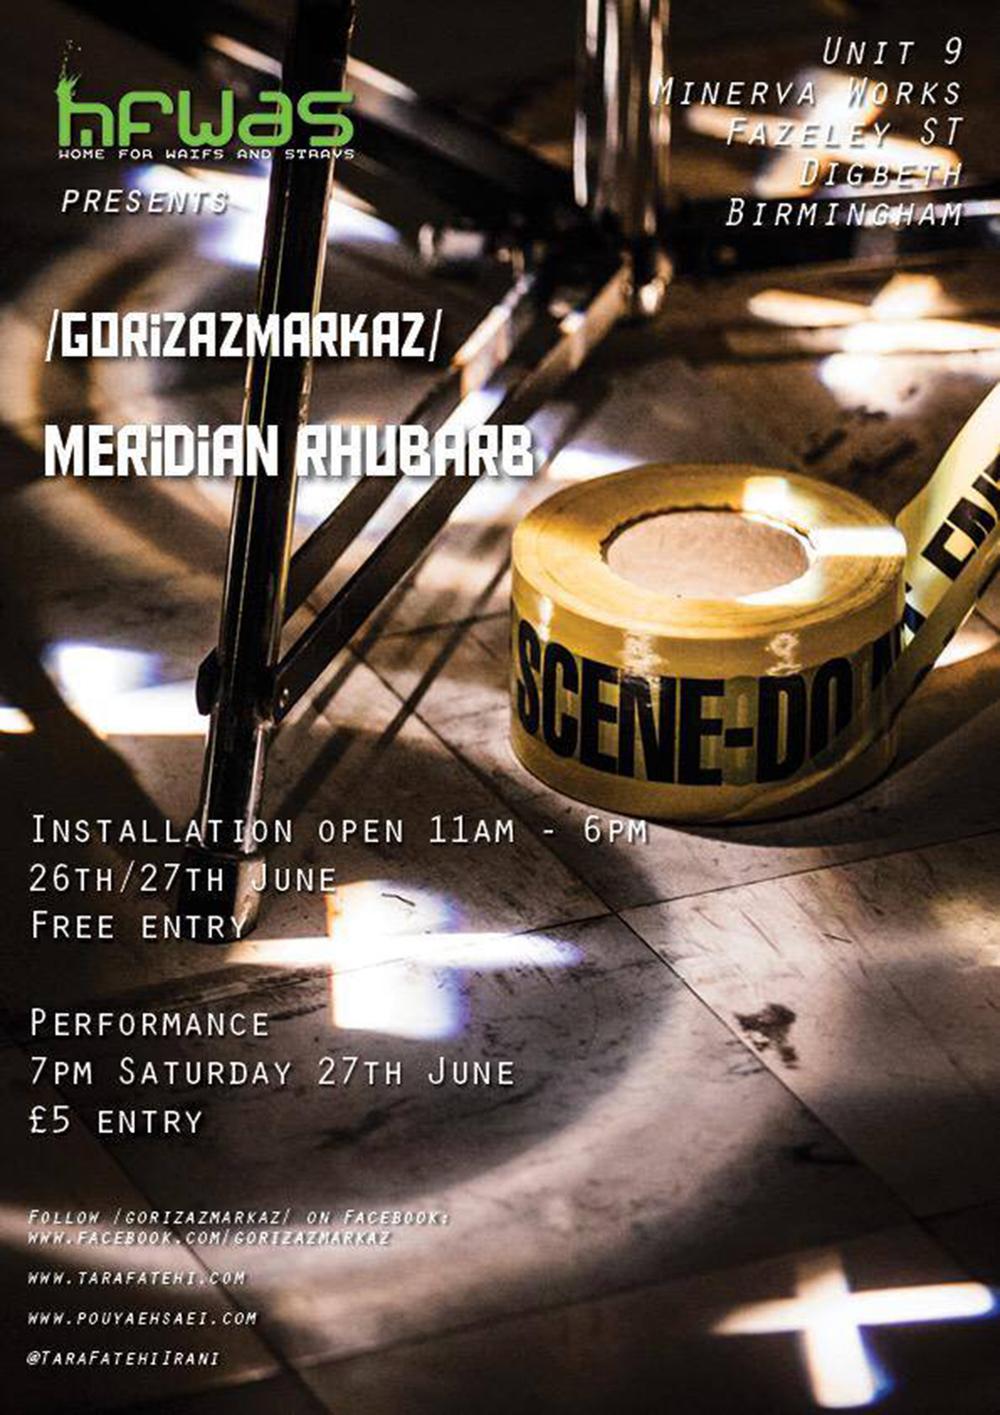 /gorizazmarkaz/   Meridian Rhubarb